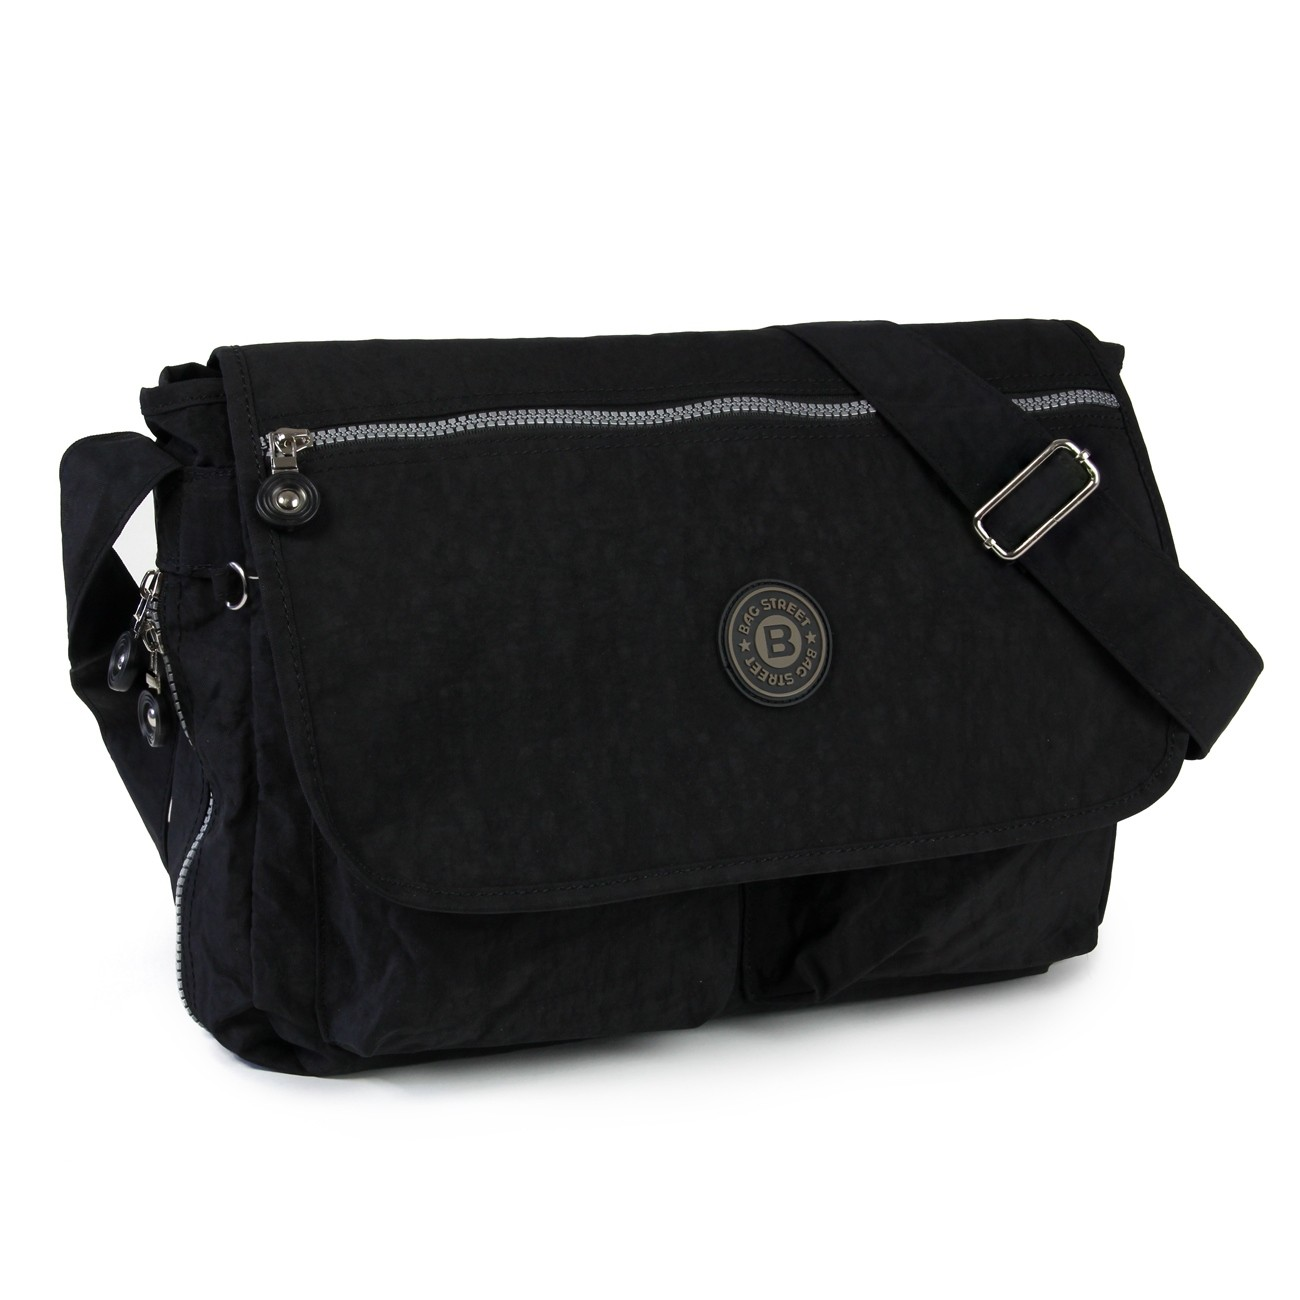 Schultertasche Nylon schwarz Cross-Body Umhängetasche Bag Street OTJ203S